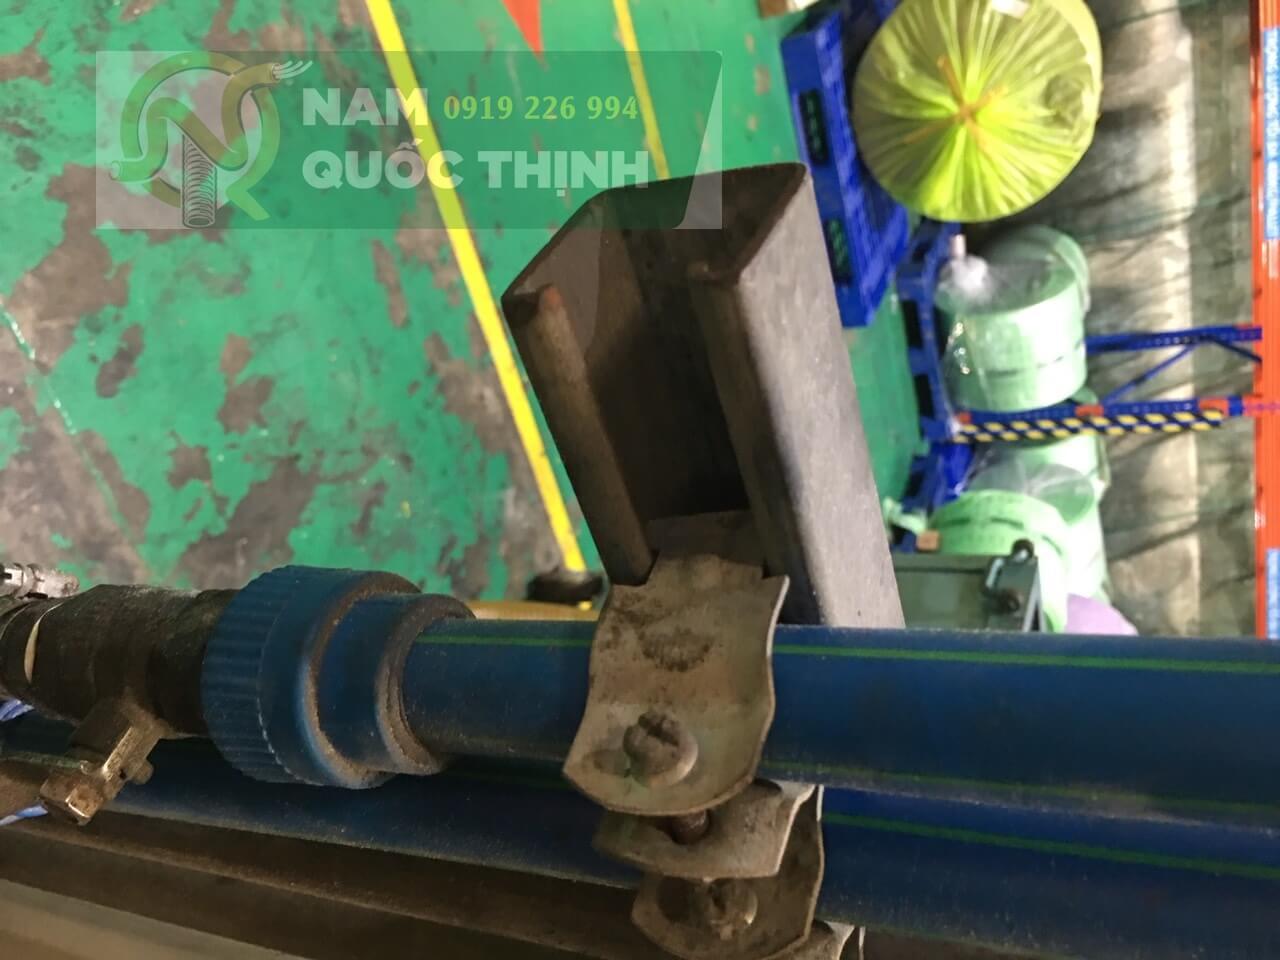 Thanh chống đa năng giữ ống chịu nhiệt PPR